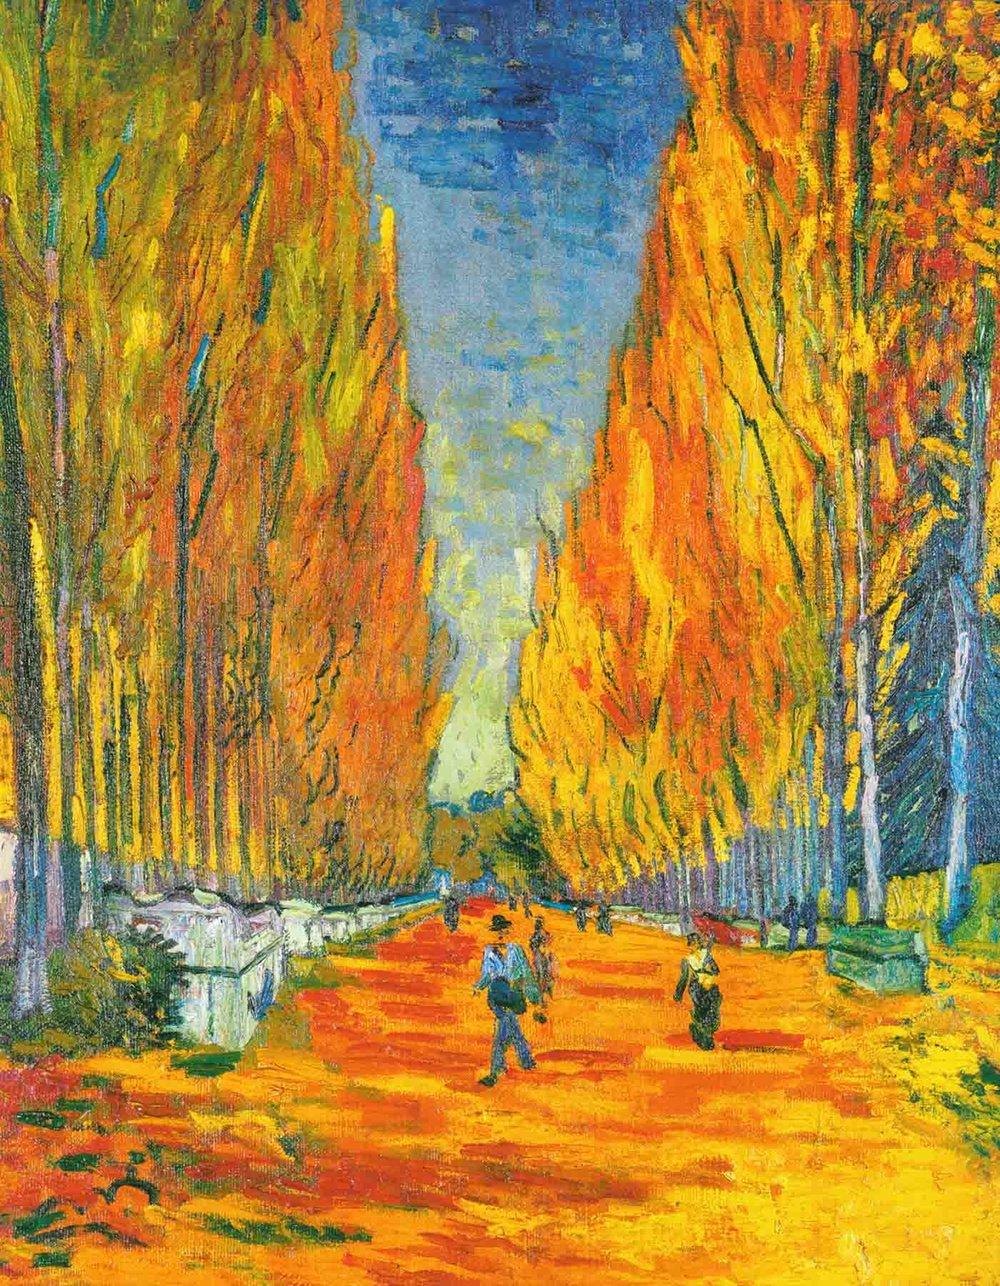 Les Alyscamps, 1888 - Vincent Van Gogh